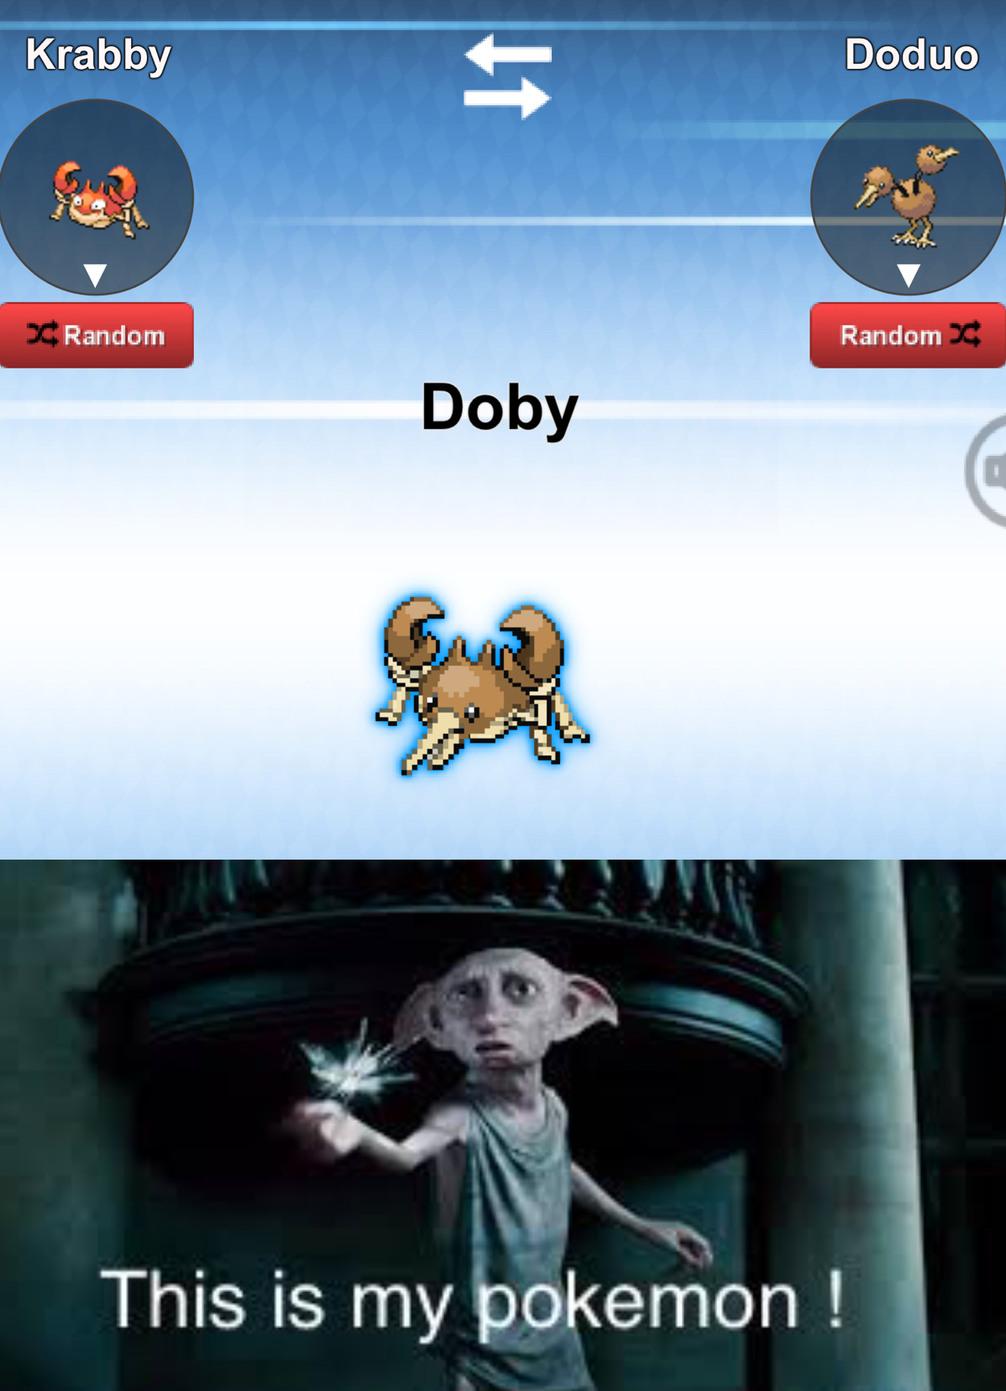 Krabby+Doduo= - meme